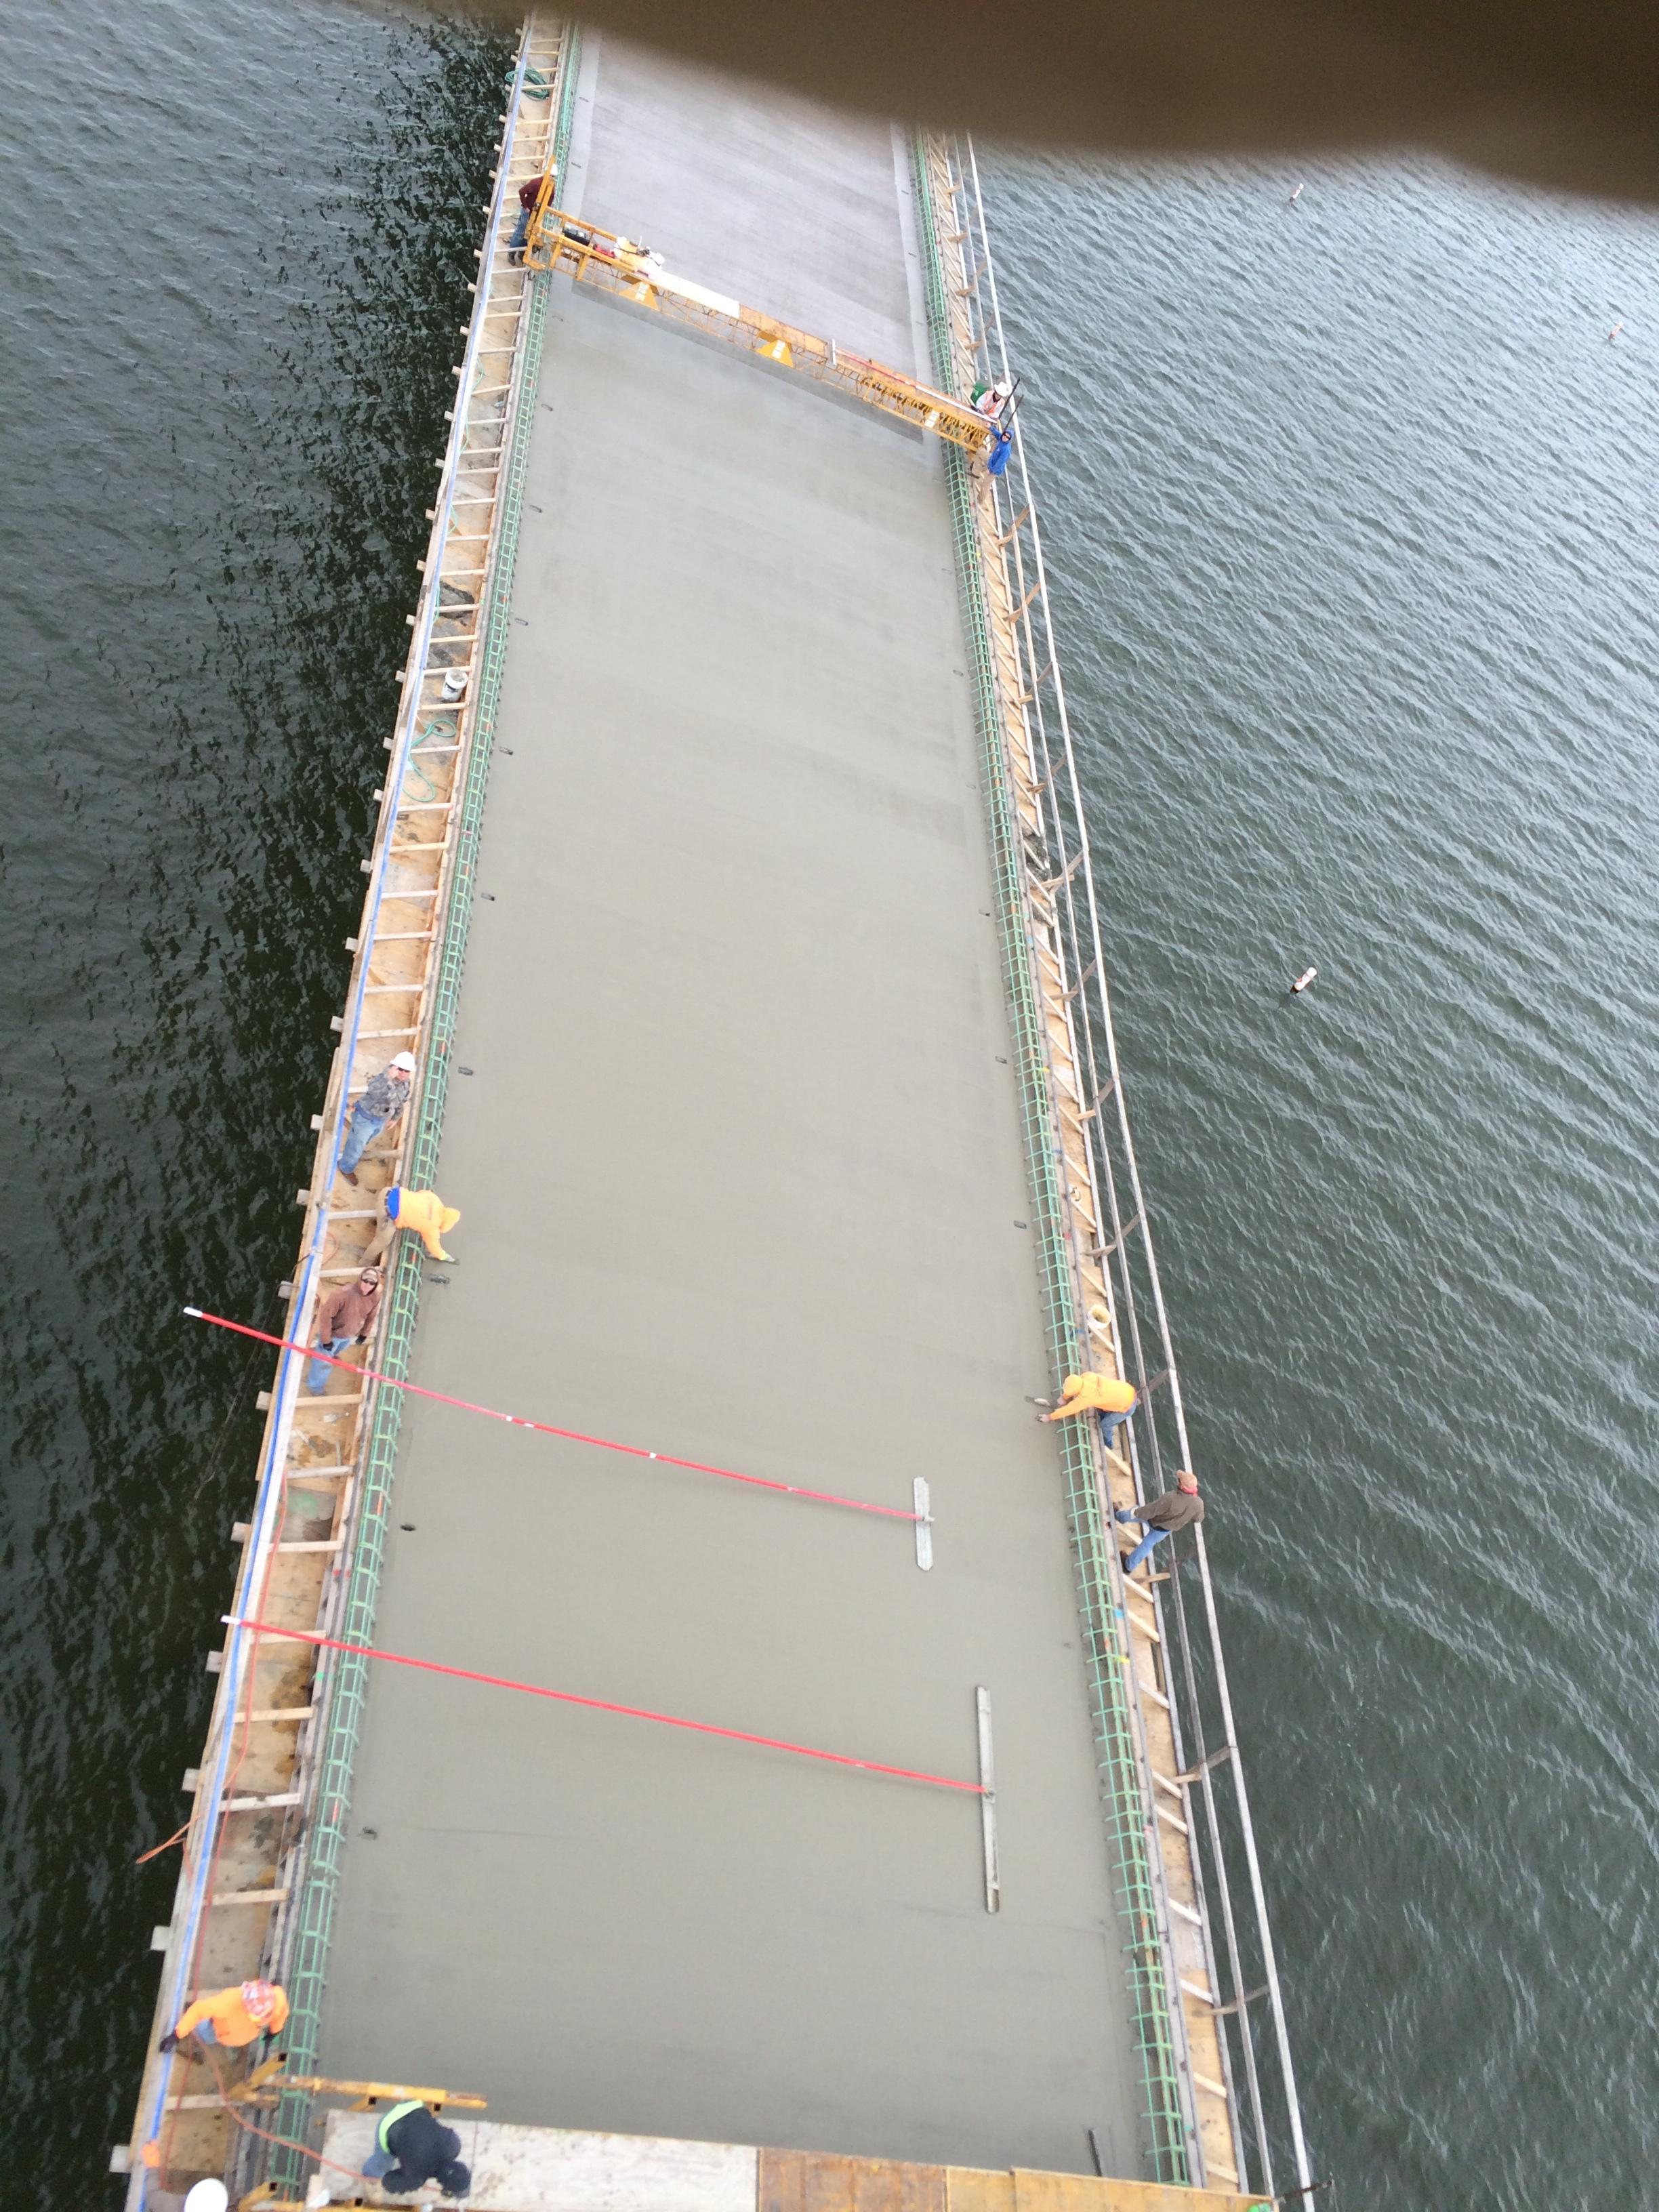 Rte. 215 Bridge over Stockton Lake finishing bridge deck